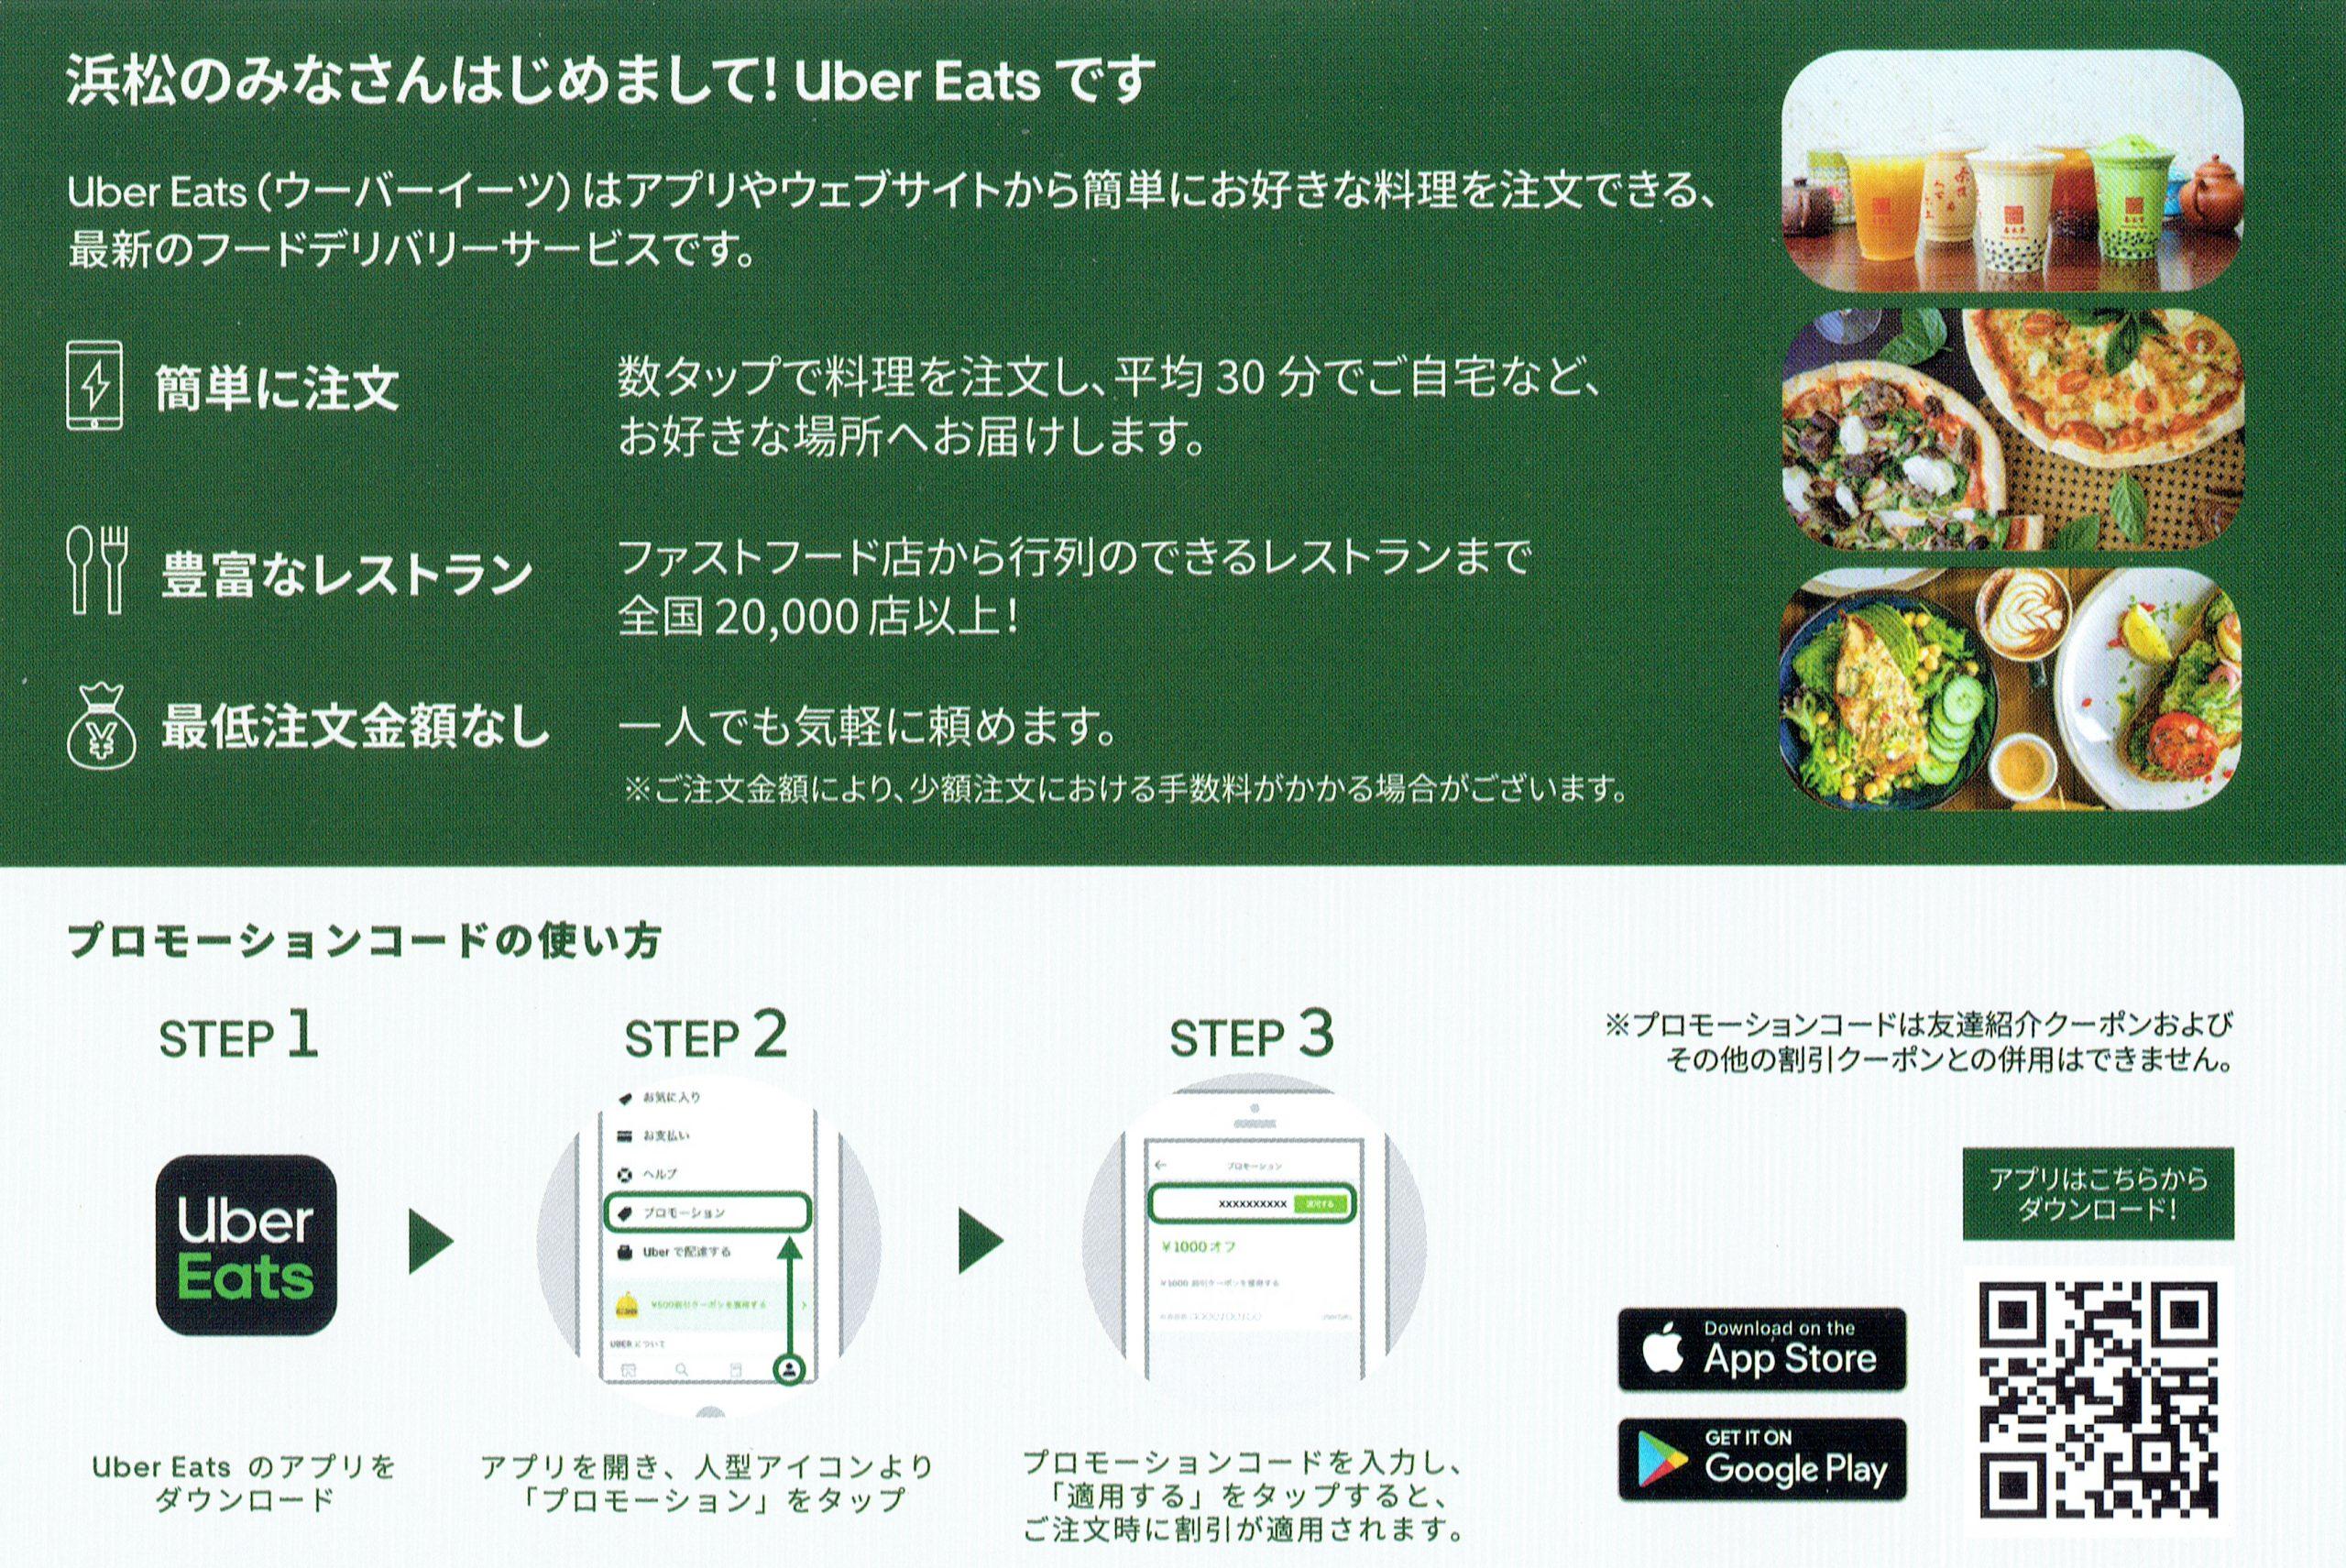 2020.6.16浜松市でもUber Eats開始を知らせるDM